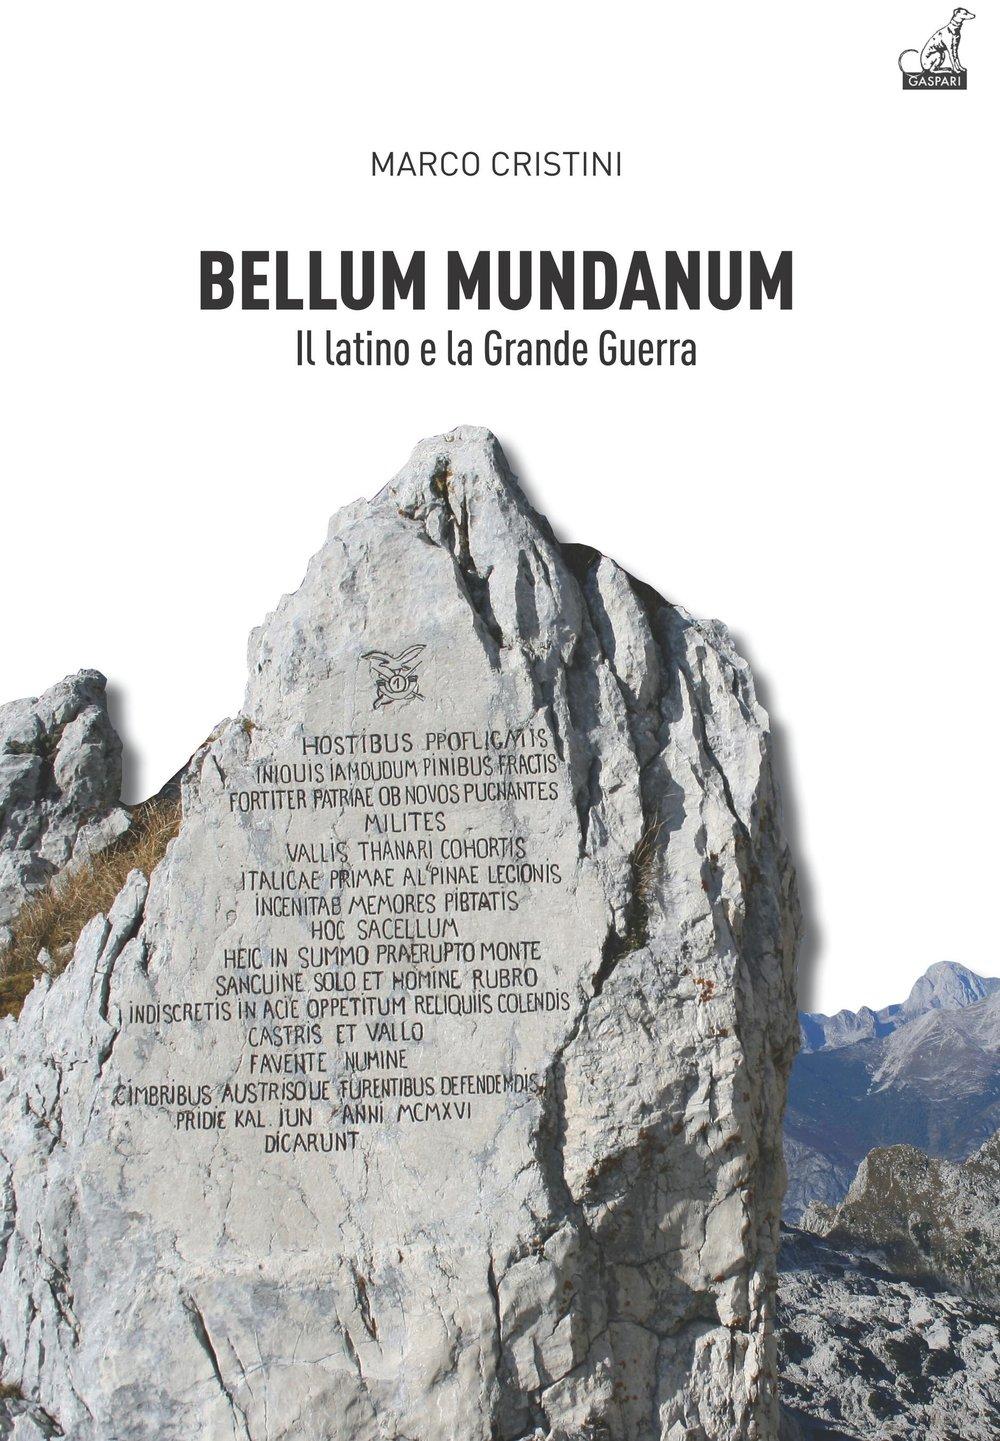 CRISTINI_Bellum mundanum primum COP_01.jpg